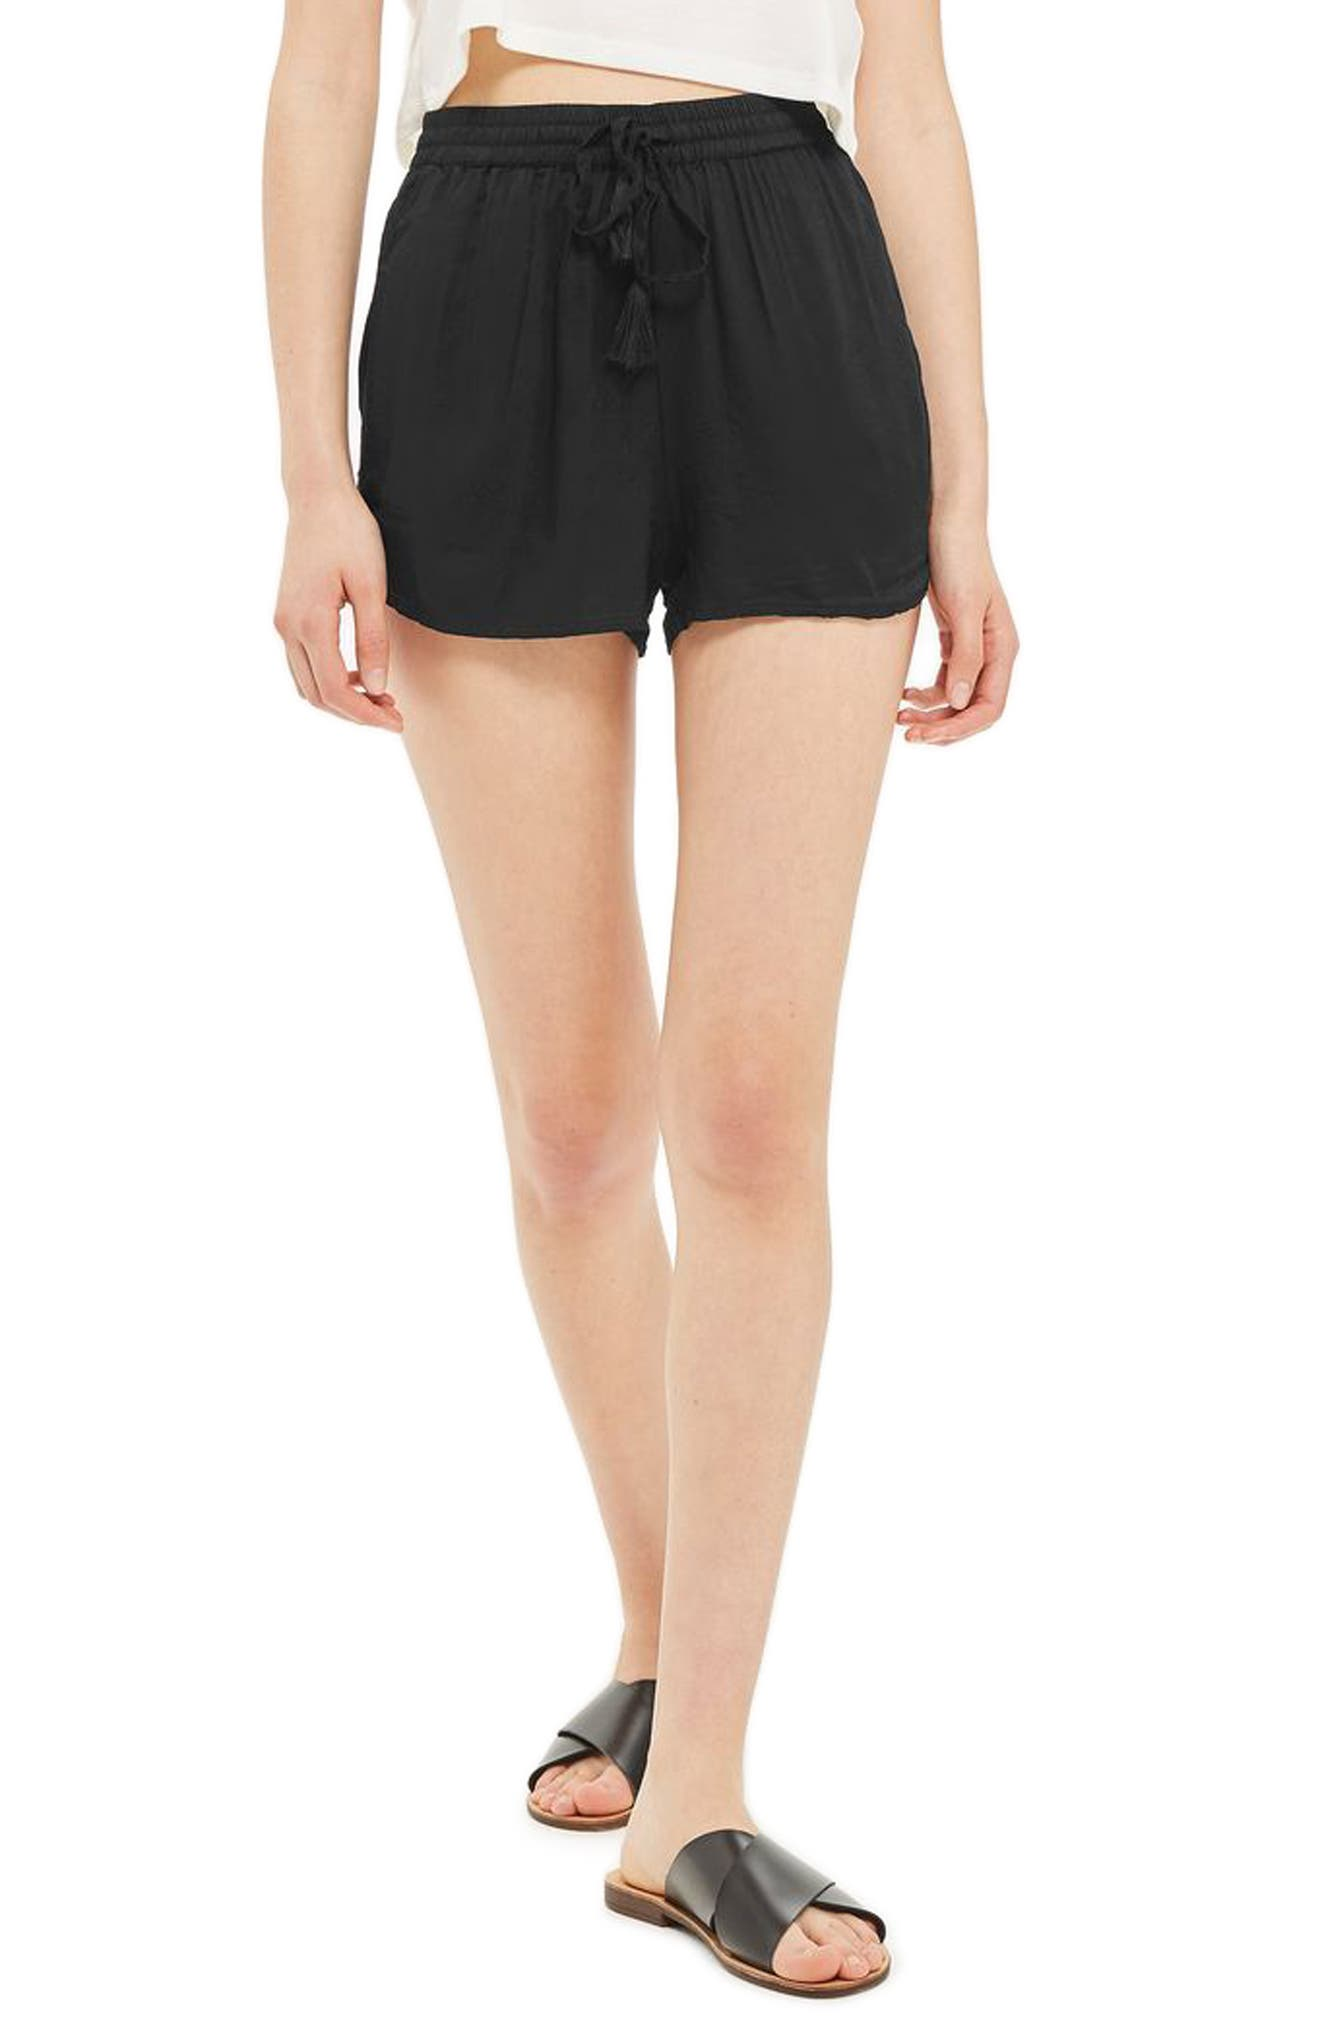 Topshop Tassel Tie Beach Shorts